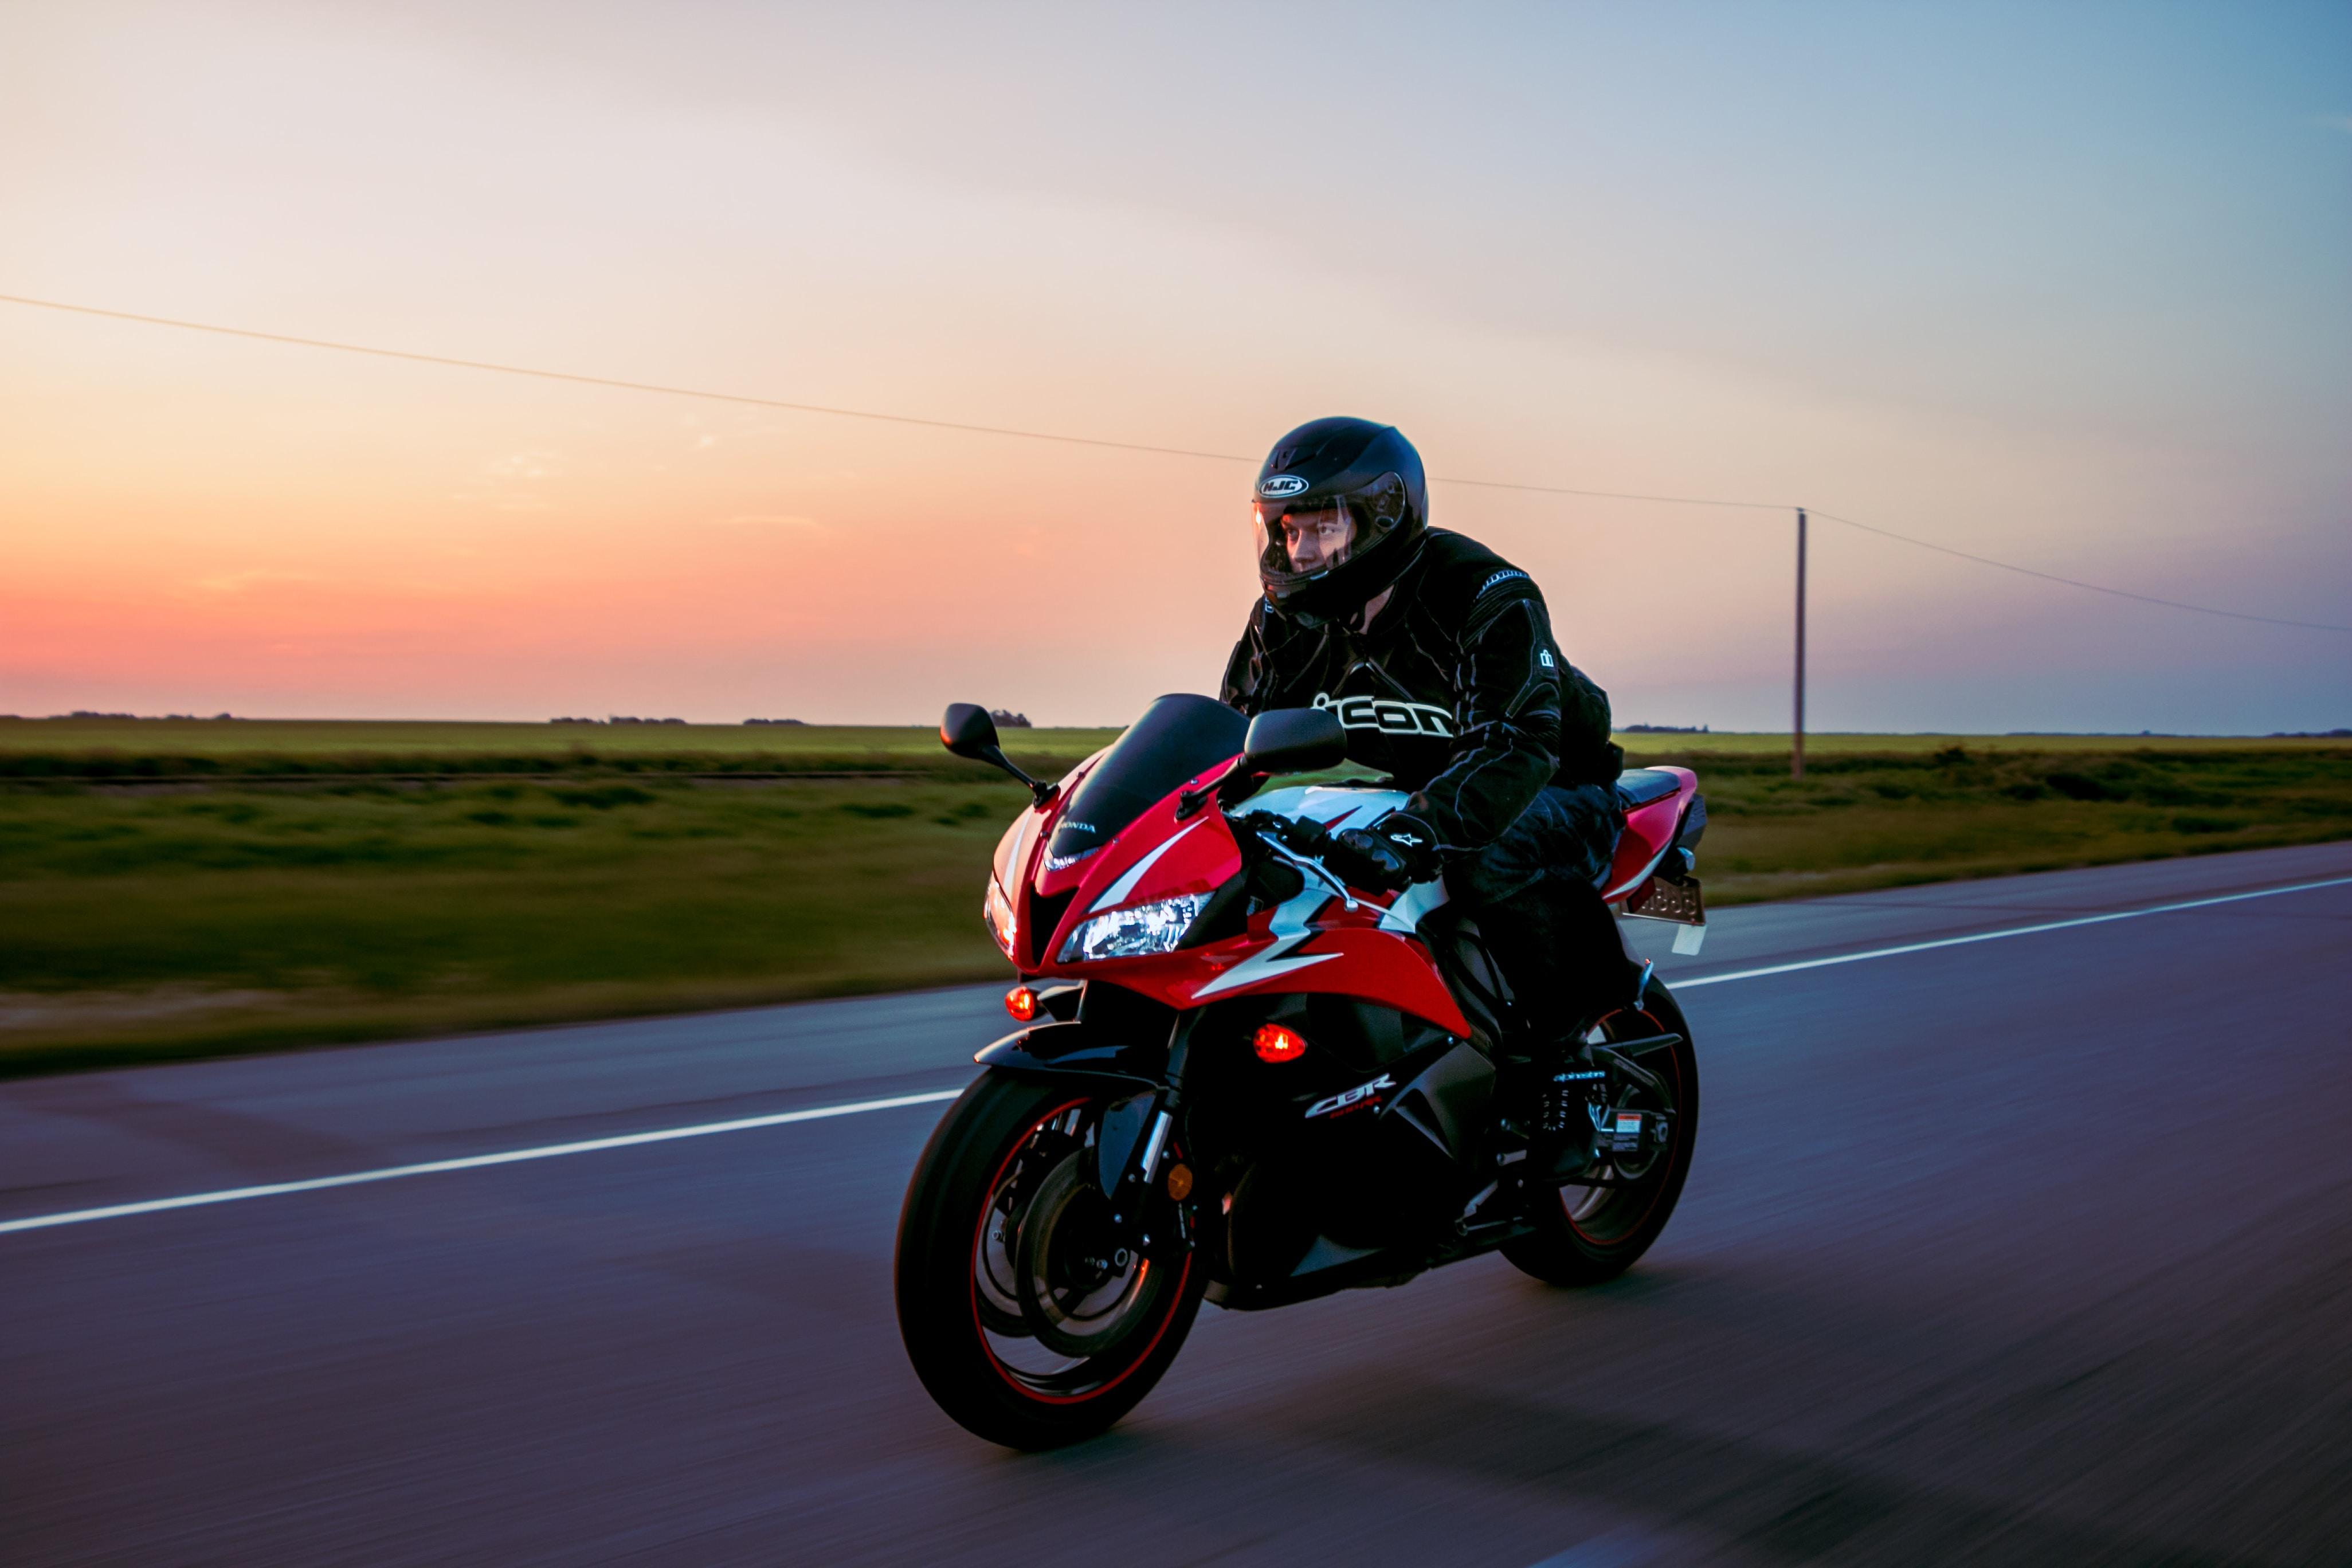 A man riding a sportbike.